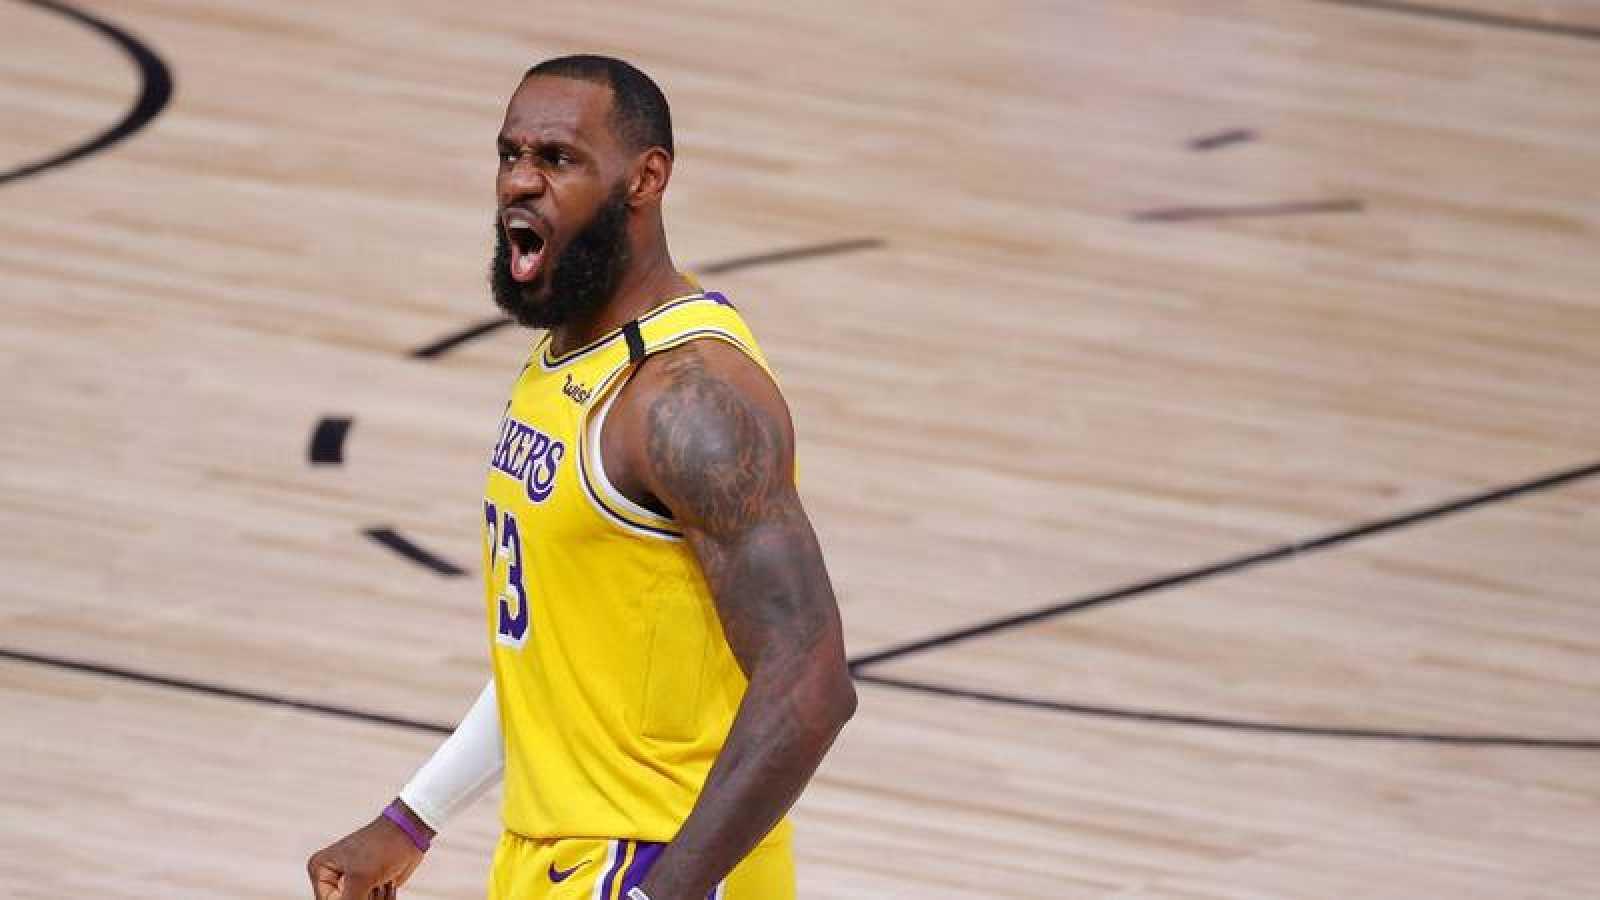 El jugador de Los Angeles Lakers, LeBron Jame, gesticula durante su partido ante los Portland Trail Blazers.